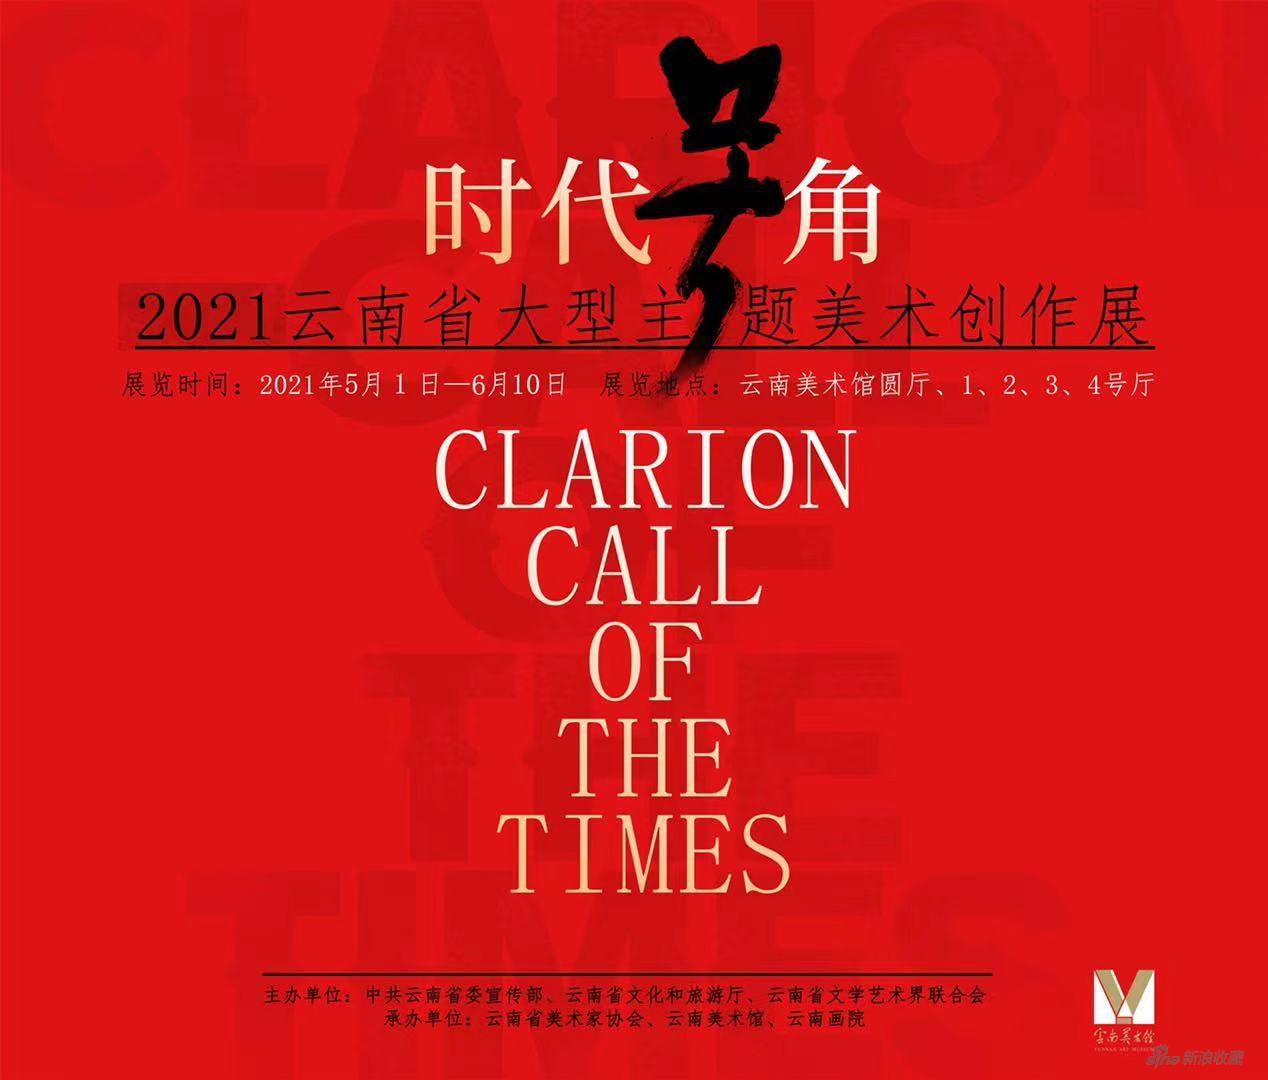 展览推荐丨2021云南省大型主题美术创作展